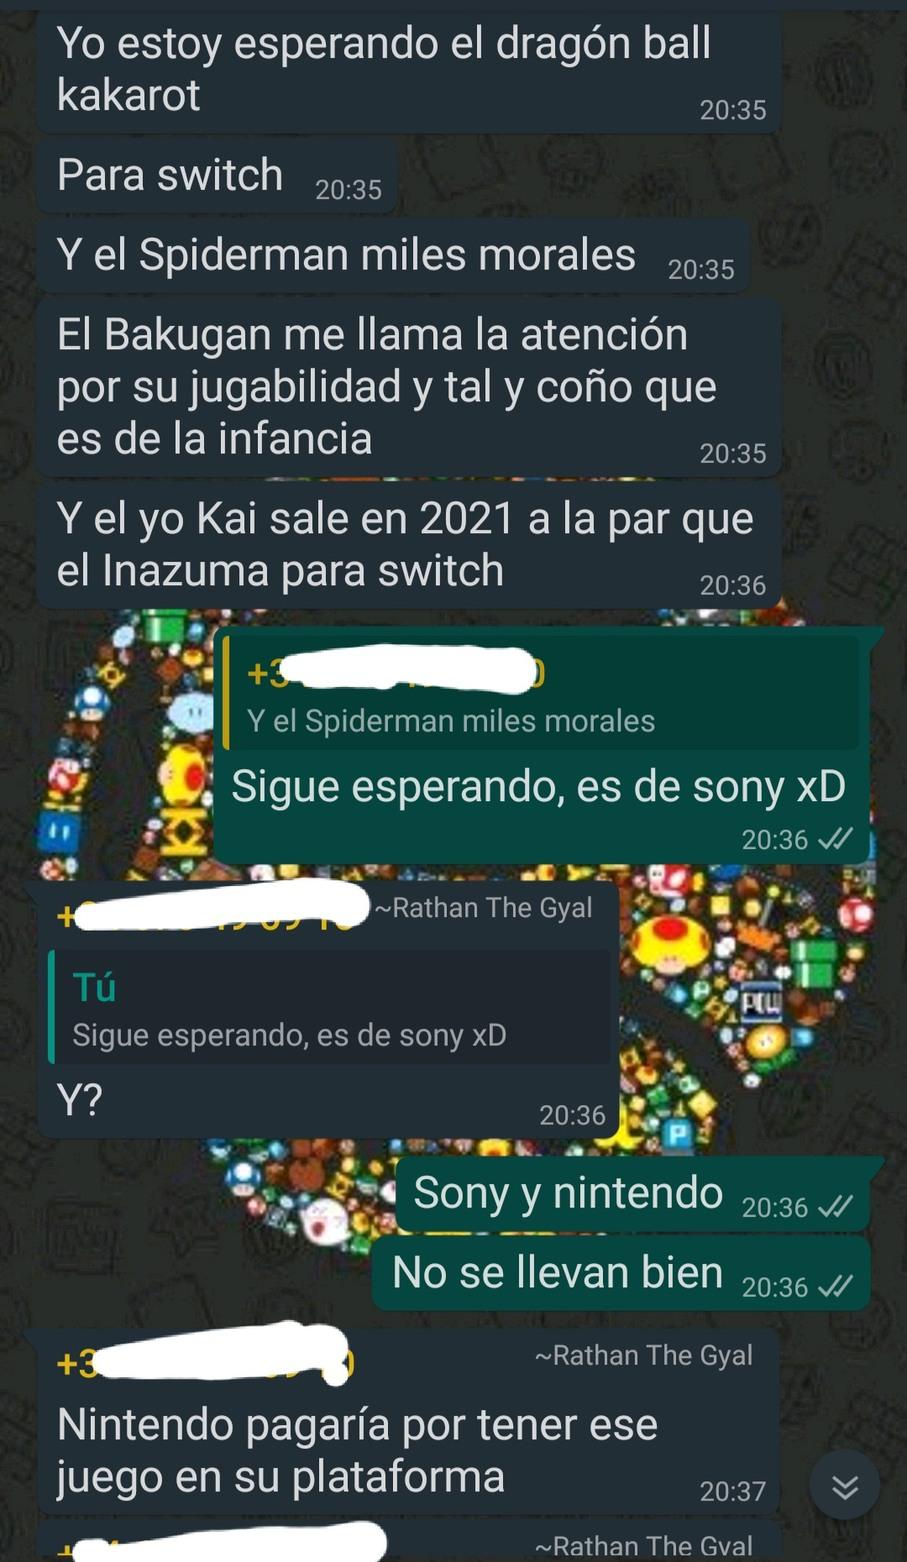 Lo peor es que seguía la conversación diciendo que Sega es propiedad de nintendo y quería llevar la razón XDD - meme